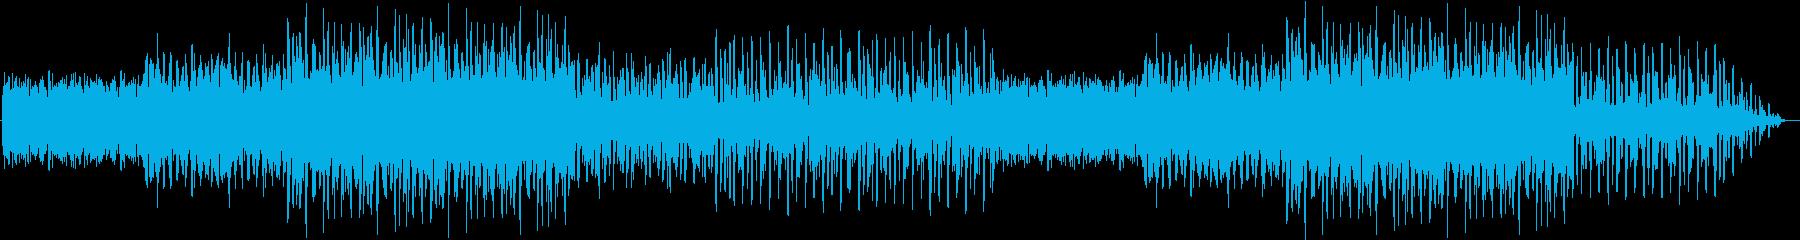 都会的なイメージのエレクトロミュージックの再生済みの波形